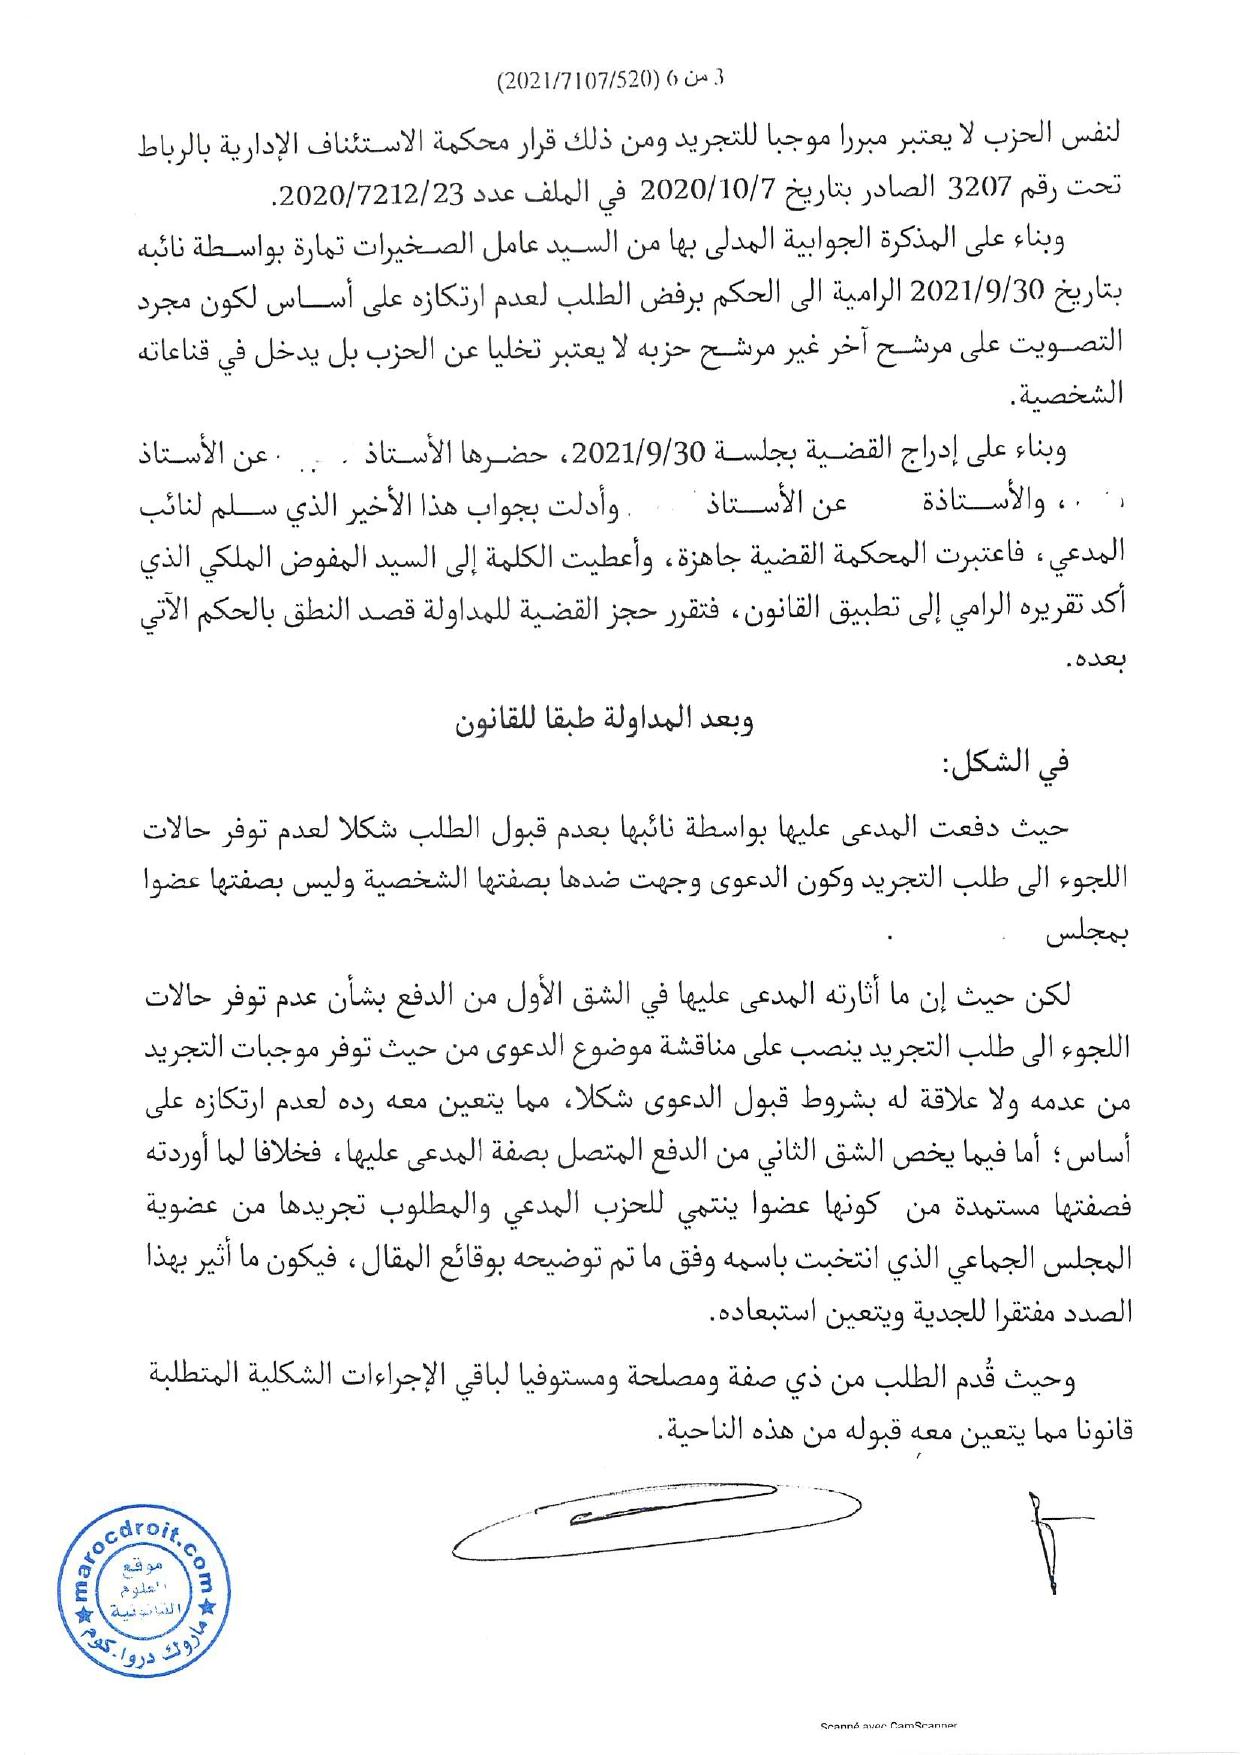 القضاء الإداري: عدم التقيد بتوجيهات الحزب بمثابة تخلي عن الإنتماء للحزب _ لا